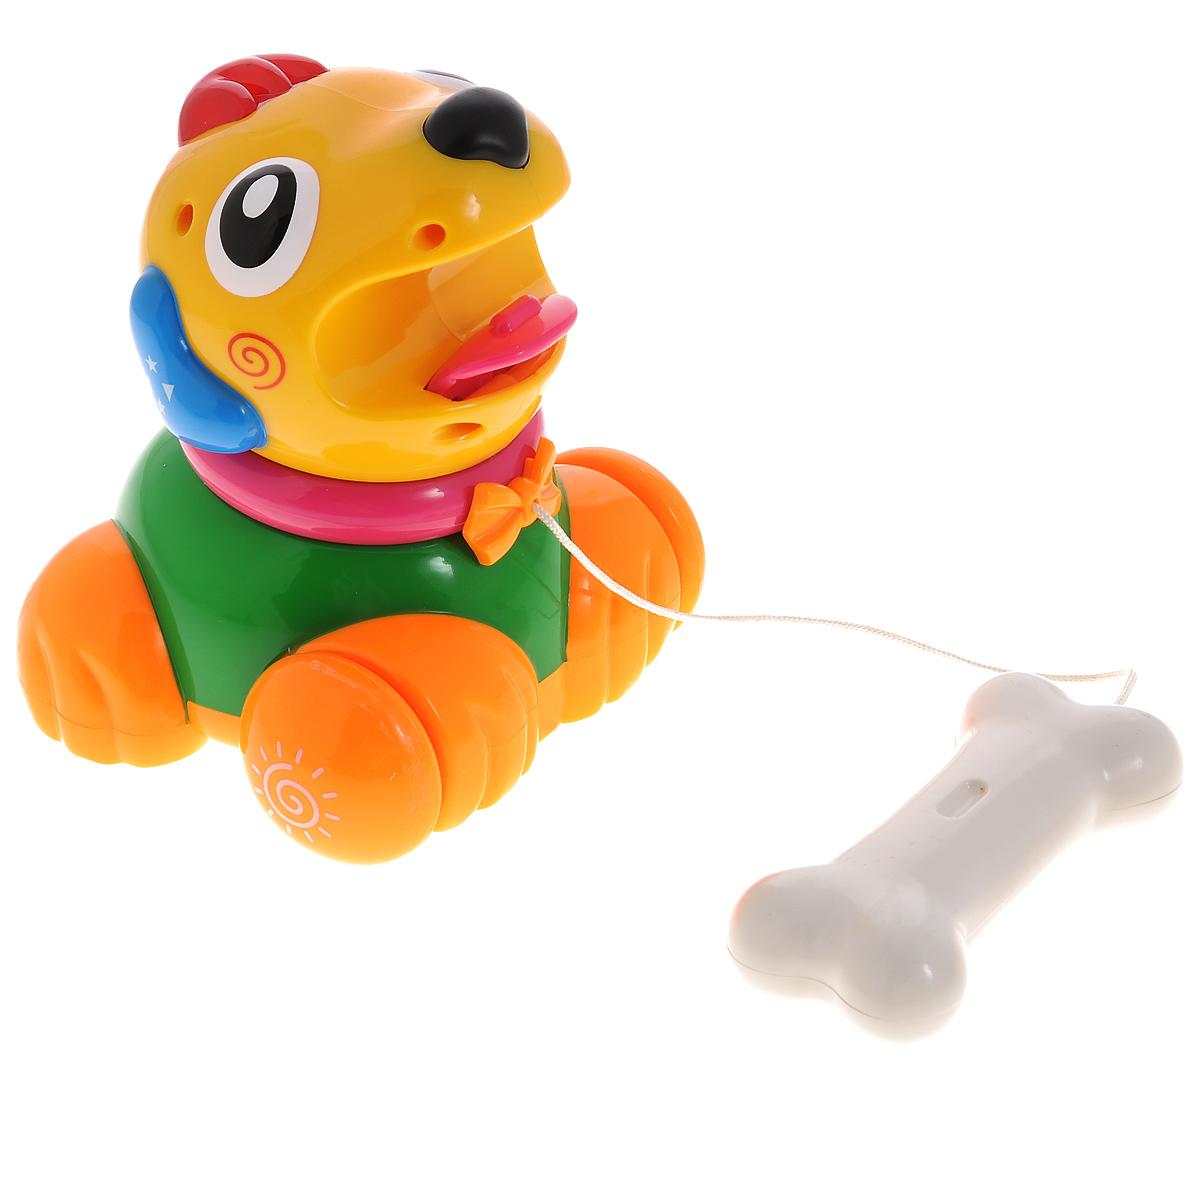 Развивающая игрушка Малышарики Щенок с косточкой, цвет: зеленый, желтый, оранжевыйMSH0303-014Развивающая игрушка Щенок с косточкой поможет малышу ближе познакомиться с миром звуков. Развивает мелкую моторику и слуховое восприятие. Игра станет еще интересней благодаря световым эффектам. Игрушка выполнена в ярком дизайне и из безопасных материалов. Игрушка развивает мелкую моторику рук, координацию движений, слух и цветовое восприятие. С первых месяцев жизни малыш начинает интересоваться яркими, подвижными предметами, ведь они являются его главными помощниками в изучении нашего удивительного мира. Забавная игрушка поможет малышу научиться фокусировать внимание. Игрушка развивает мелкую моторику и слуховое восприятие. Работает от 2х батареек типа АА (в комплект не входят).